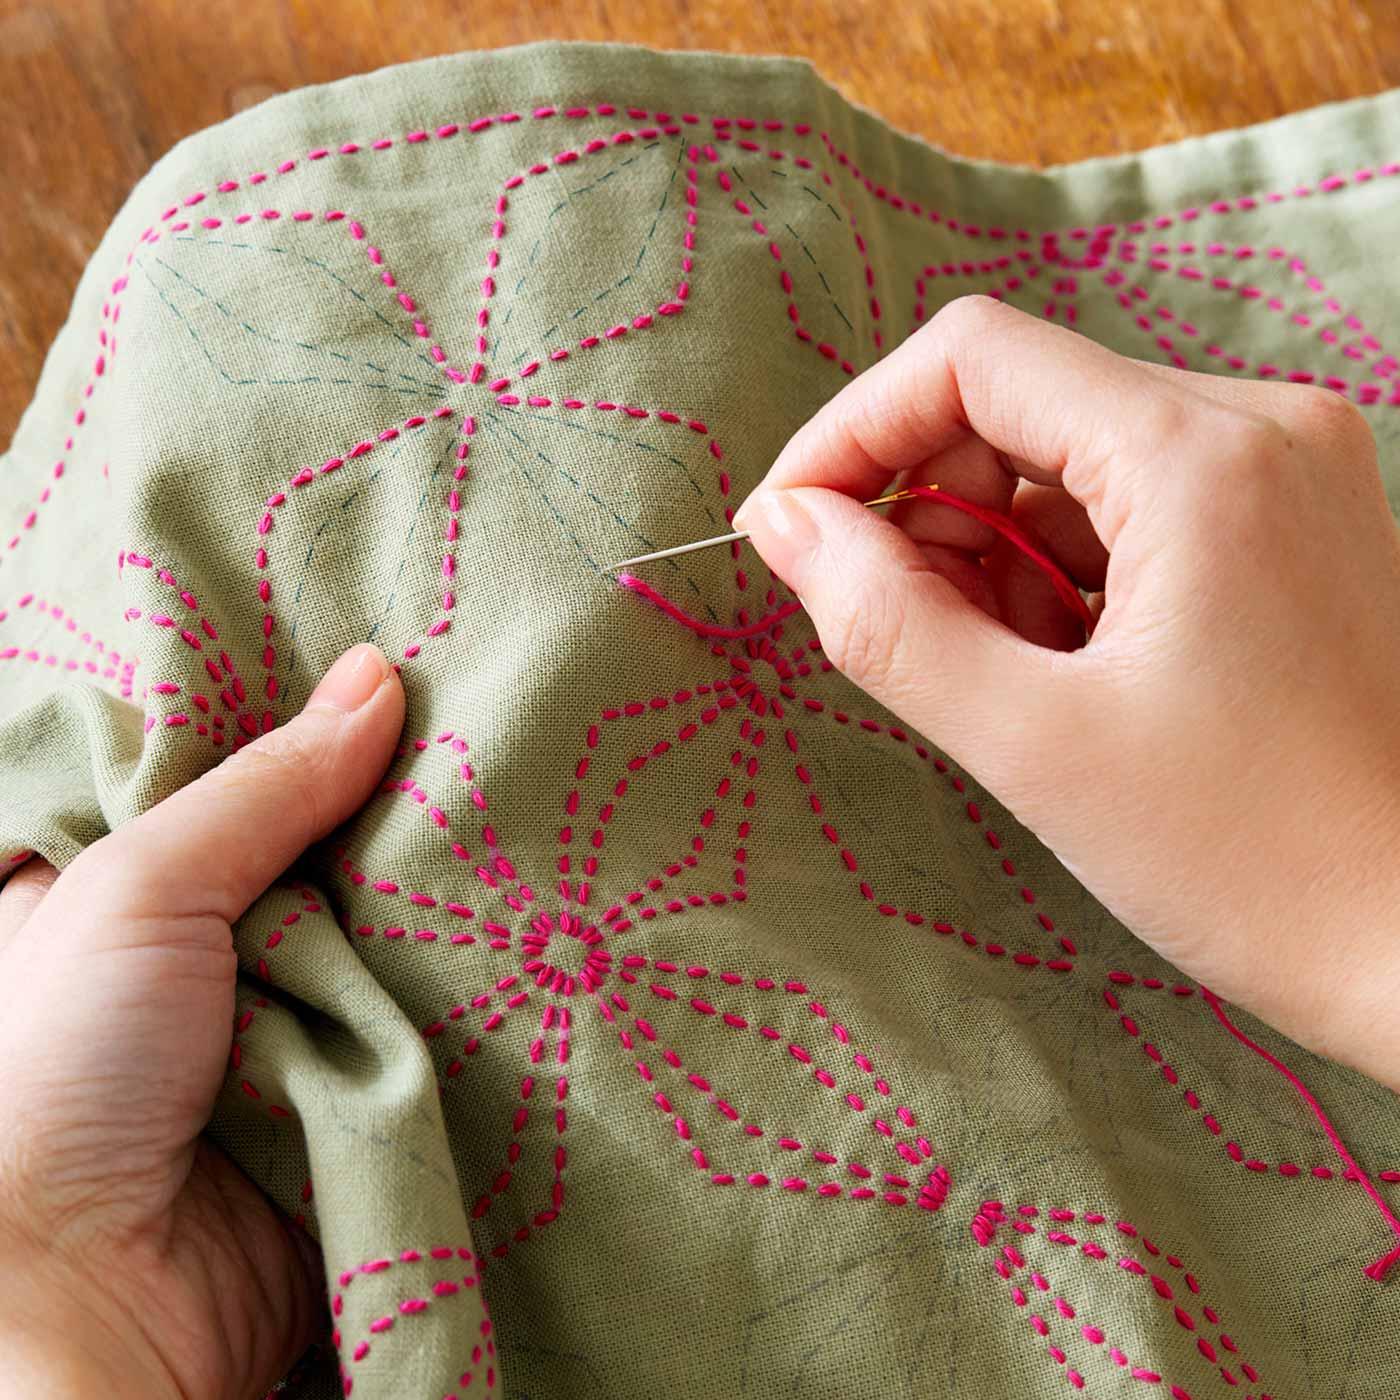 さらし木綿を彩る素朴な伝統文様。使うたびにしあわせな気分に。